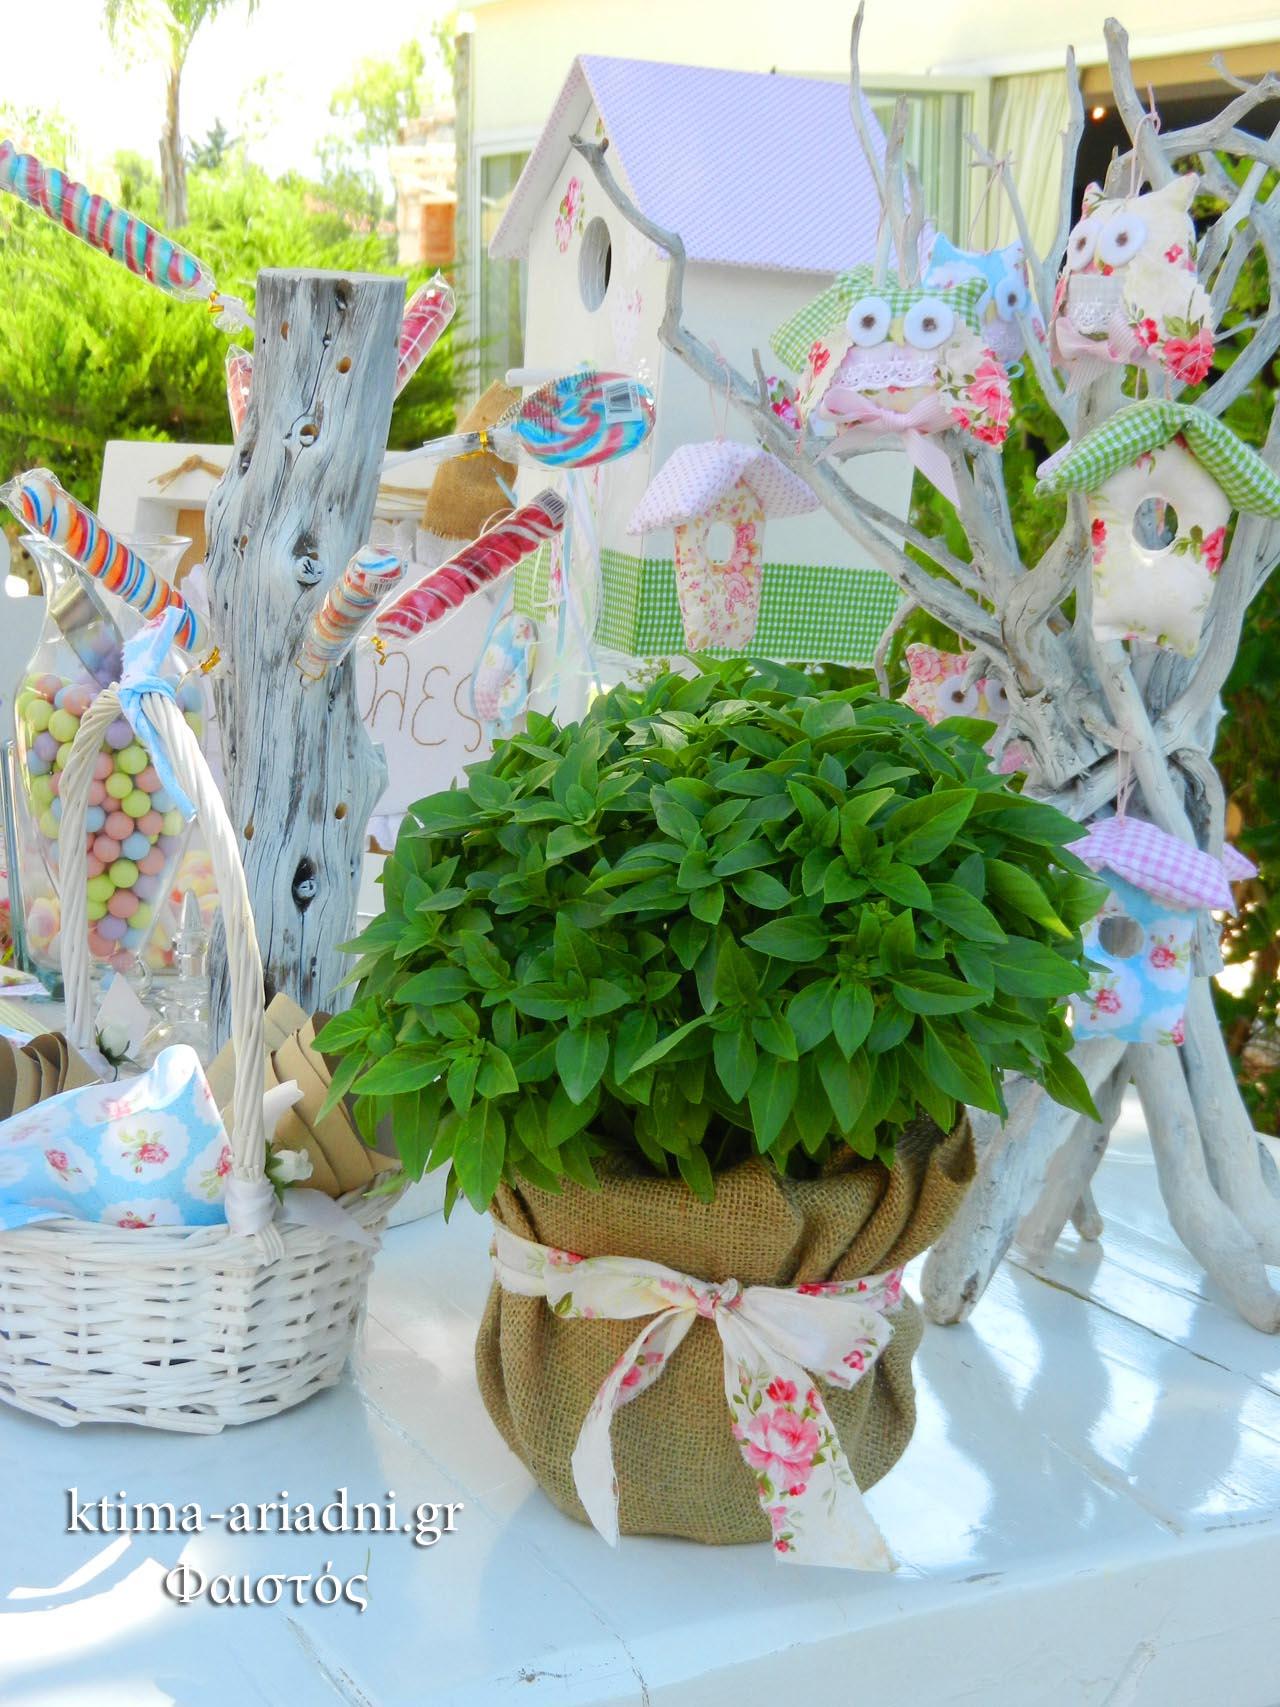 vaptisi-koukouvagia-roz-floral-decor-vasiliko-5018-a